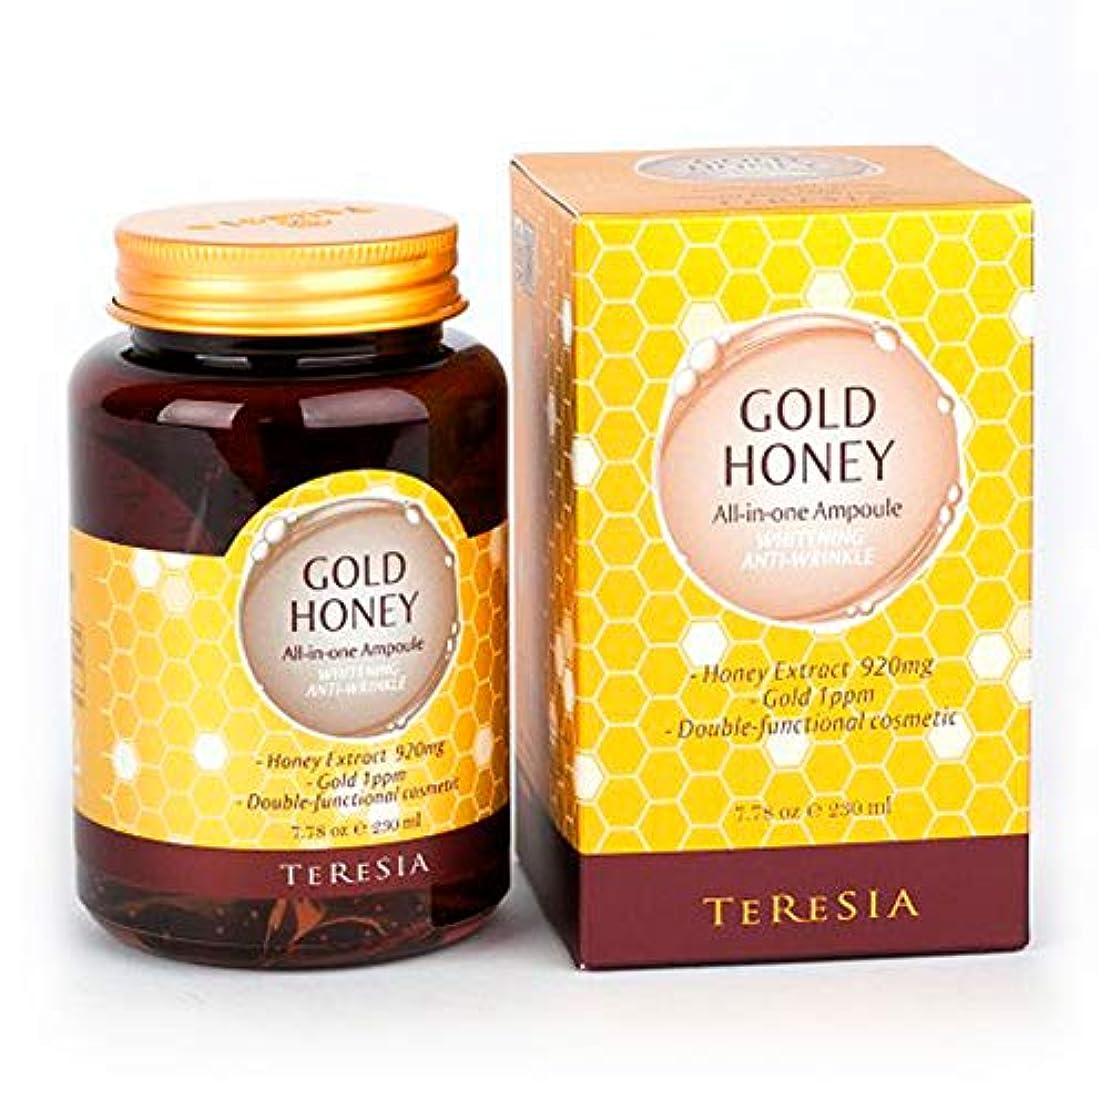 コーラス虎付き添い人[(テルシア)TERESIA] テルシア·ゴールドハニー大容量 230ml オールインワン·アンプル シワ,美白二重機能性化粧品